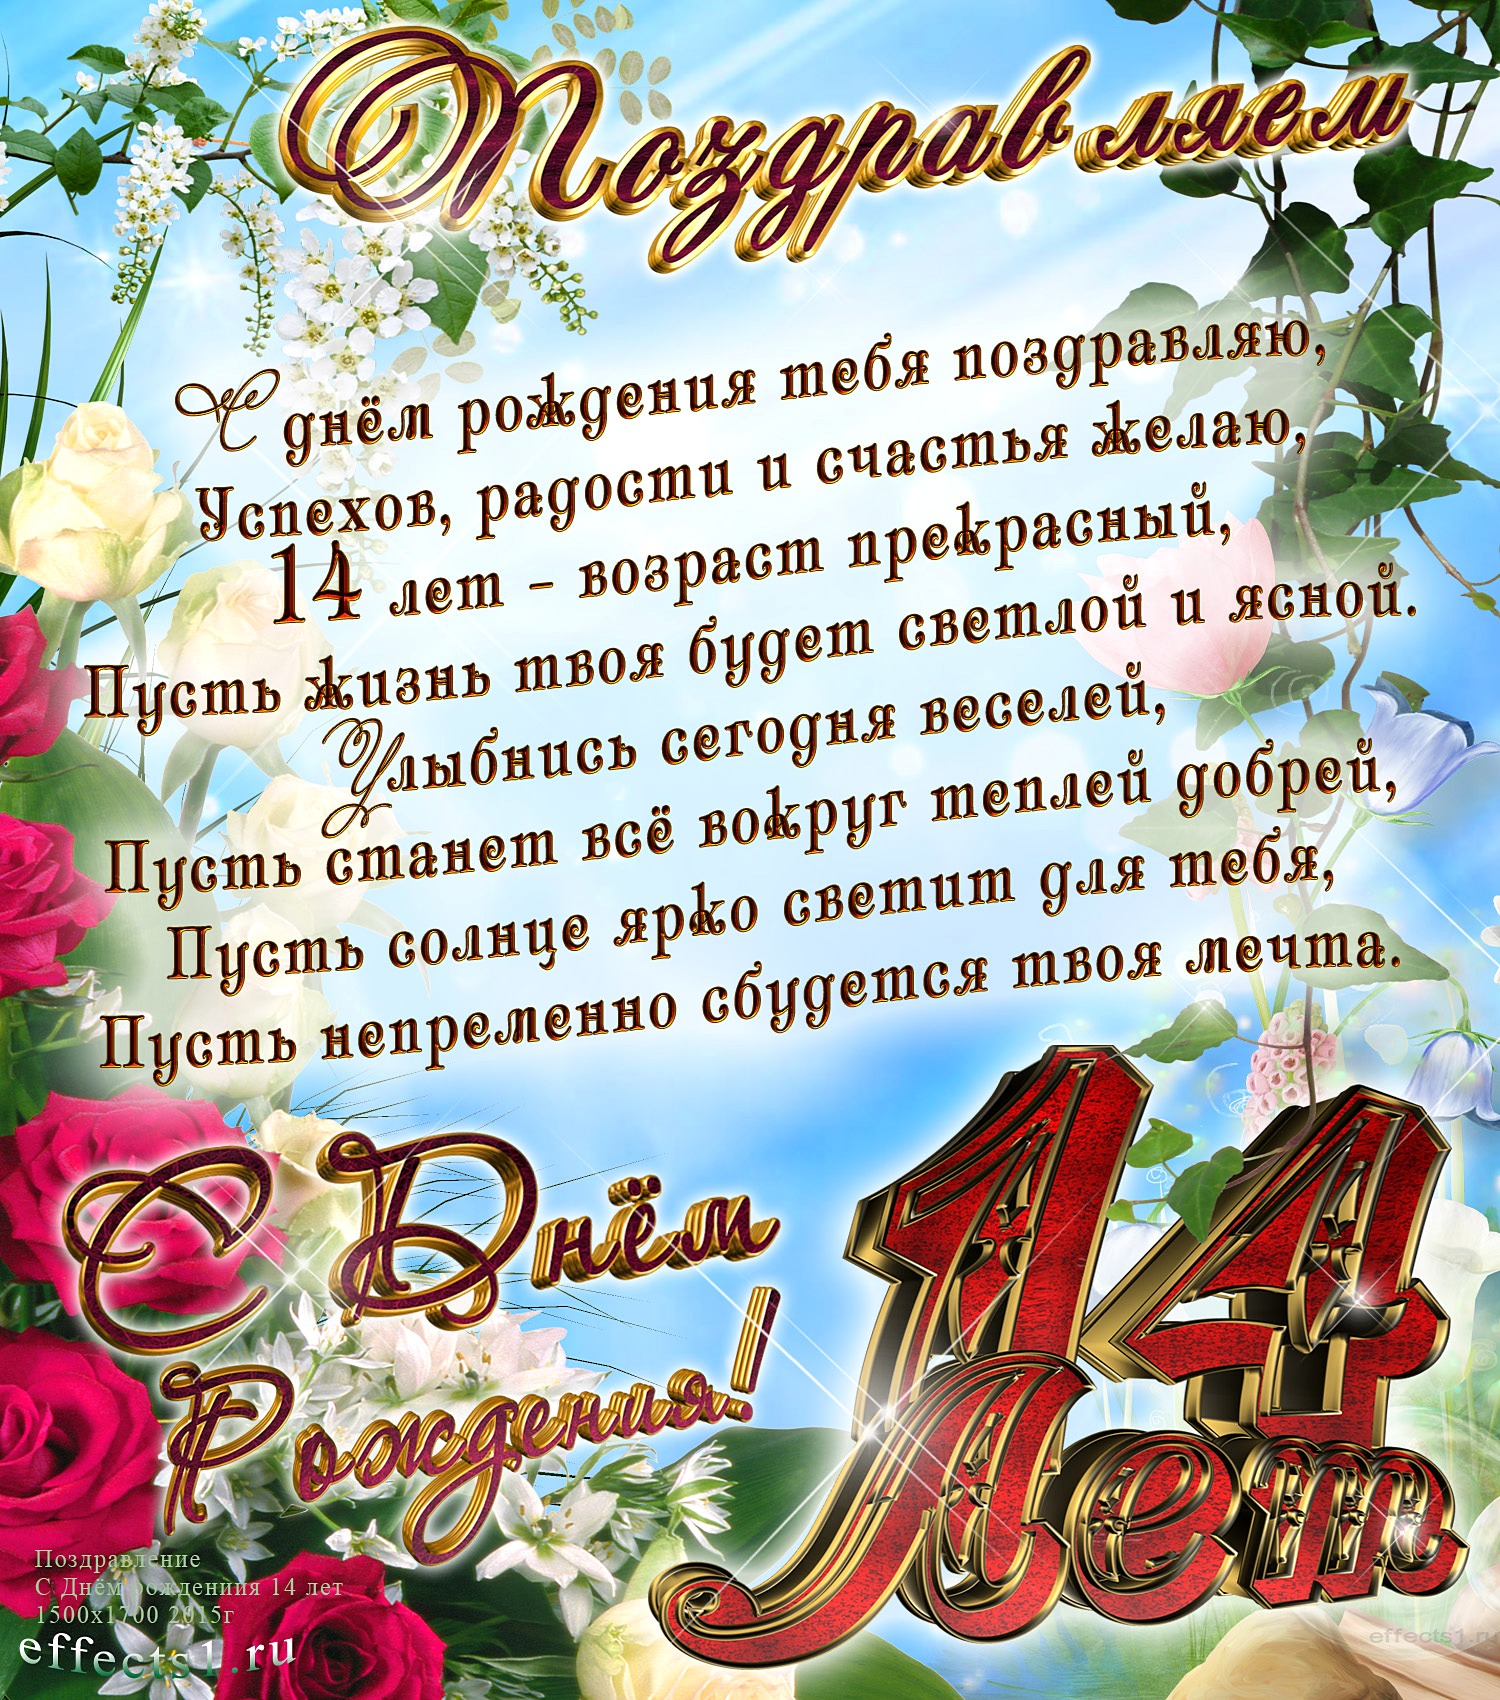 Поздравления, открытка подростку с днем рождения 14